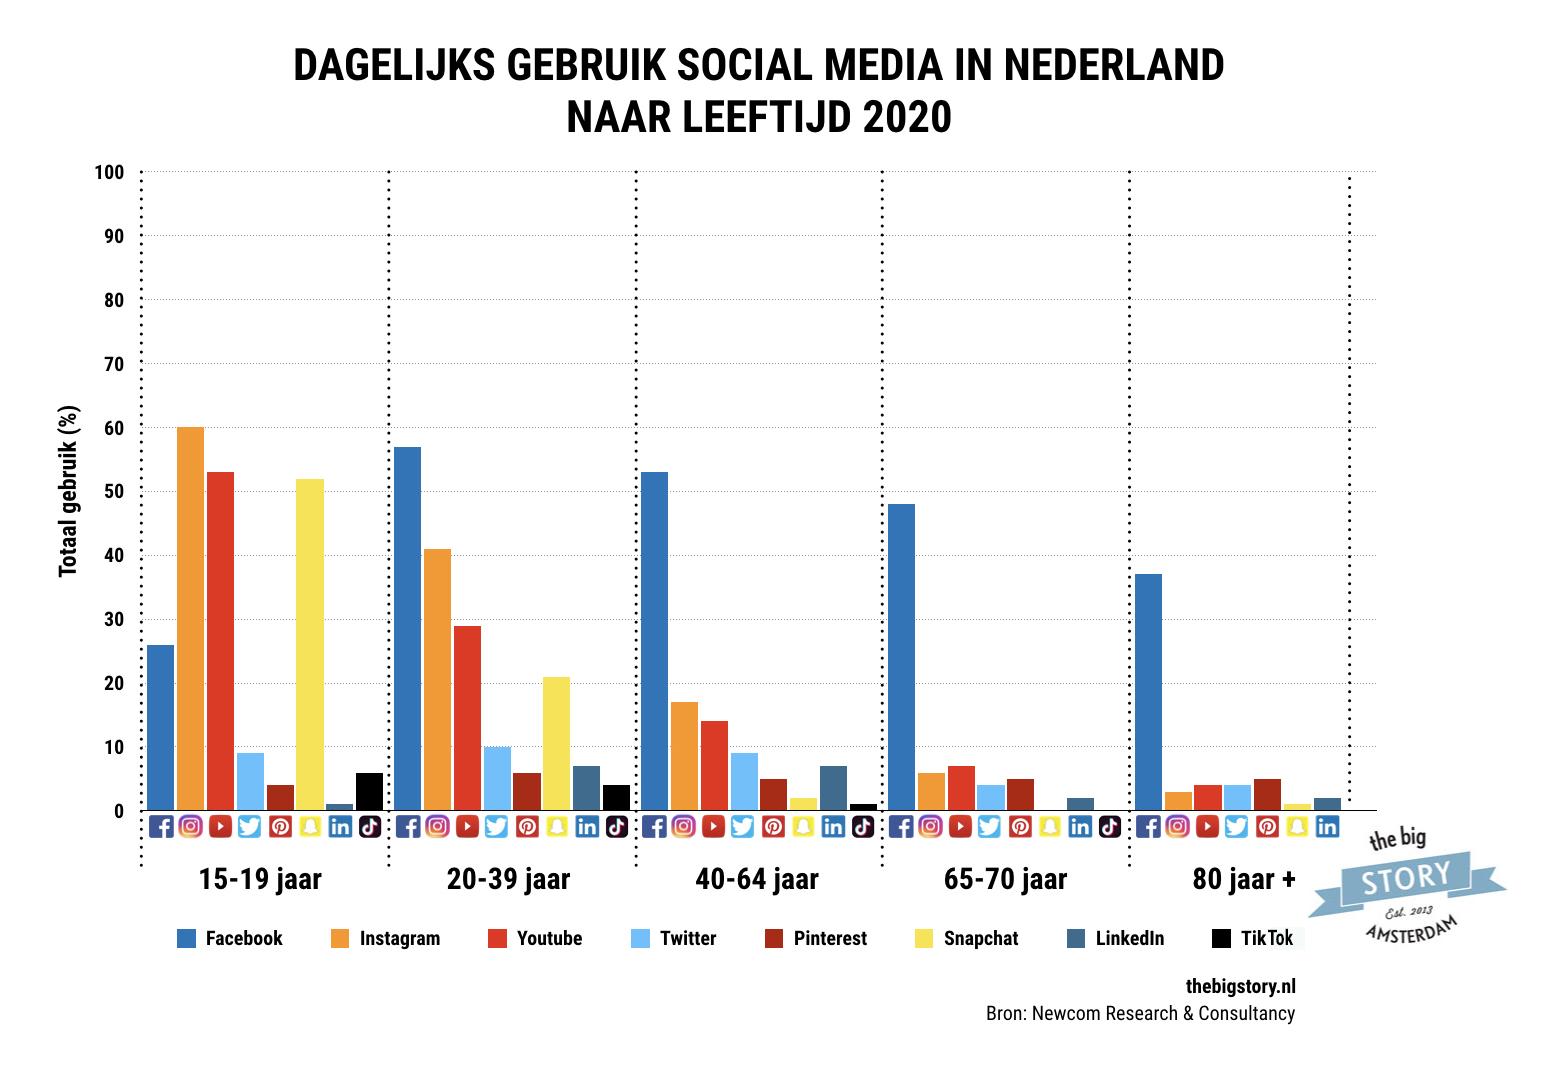 social media dagelijks gebruik naar leeftijd in 2020